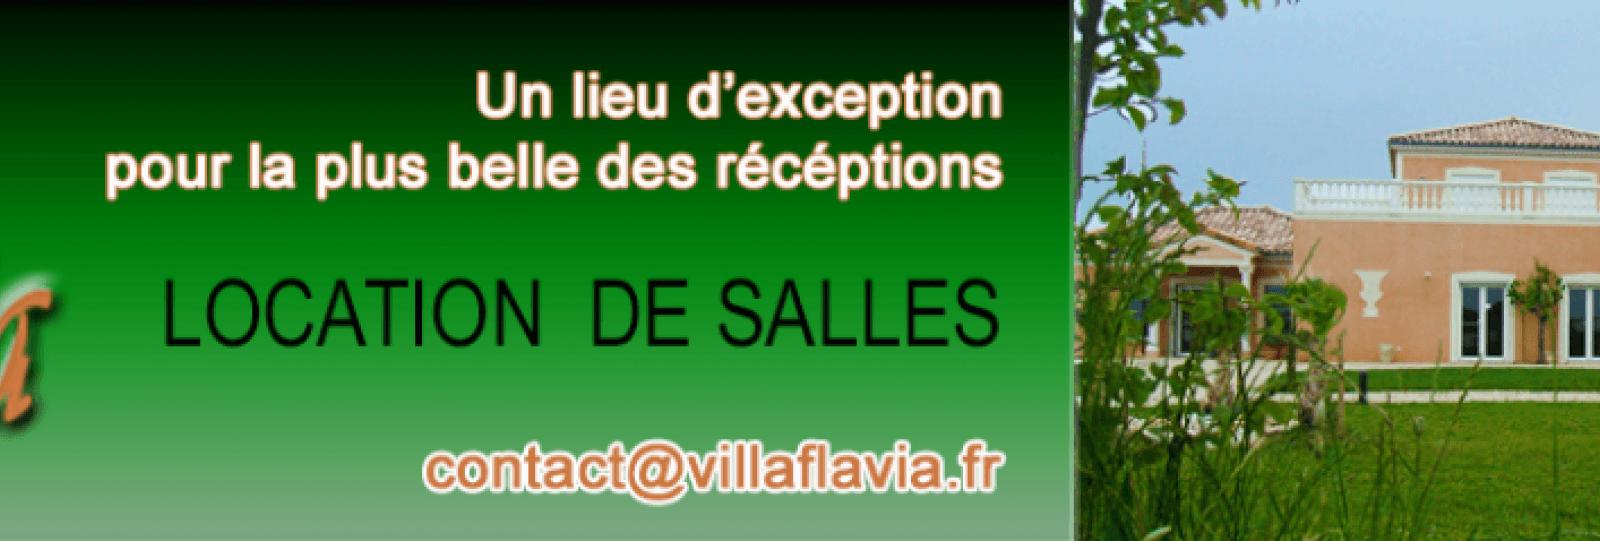 Villa Flavia Location Salle